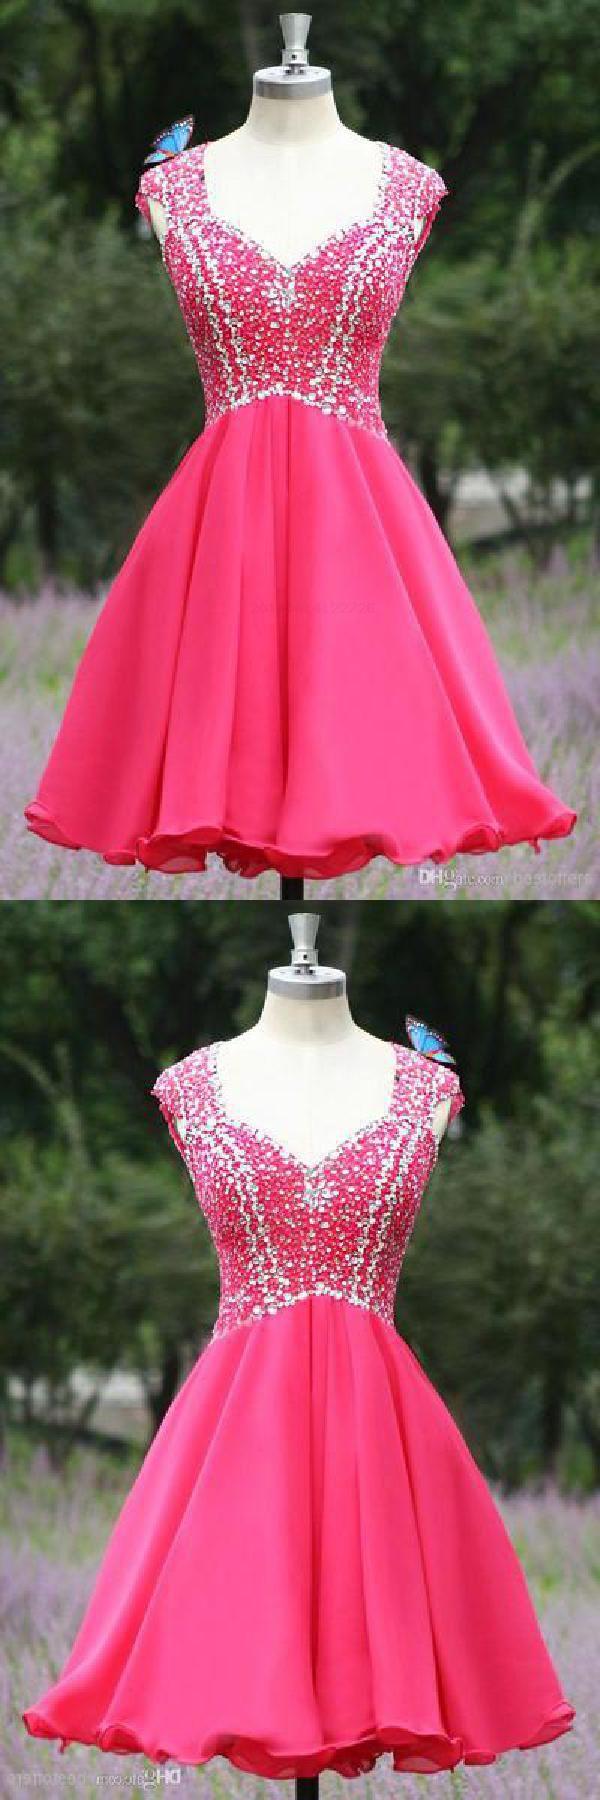 Custom made prom dresses custommadepromdresses open back prom